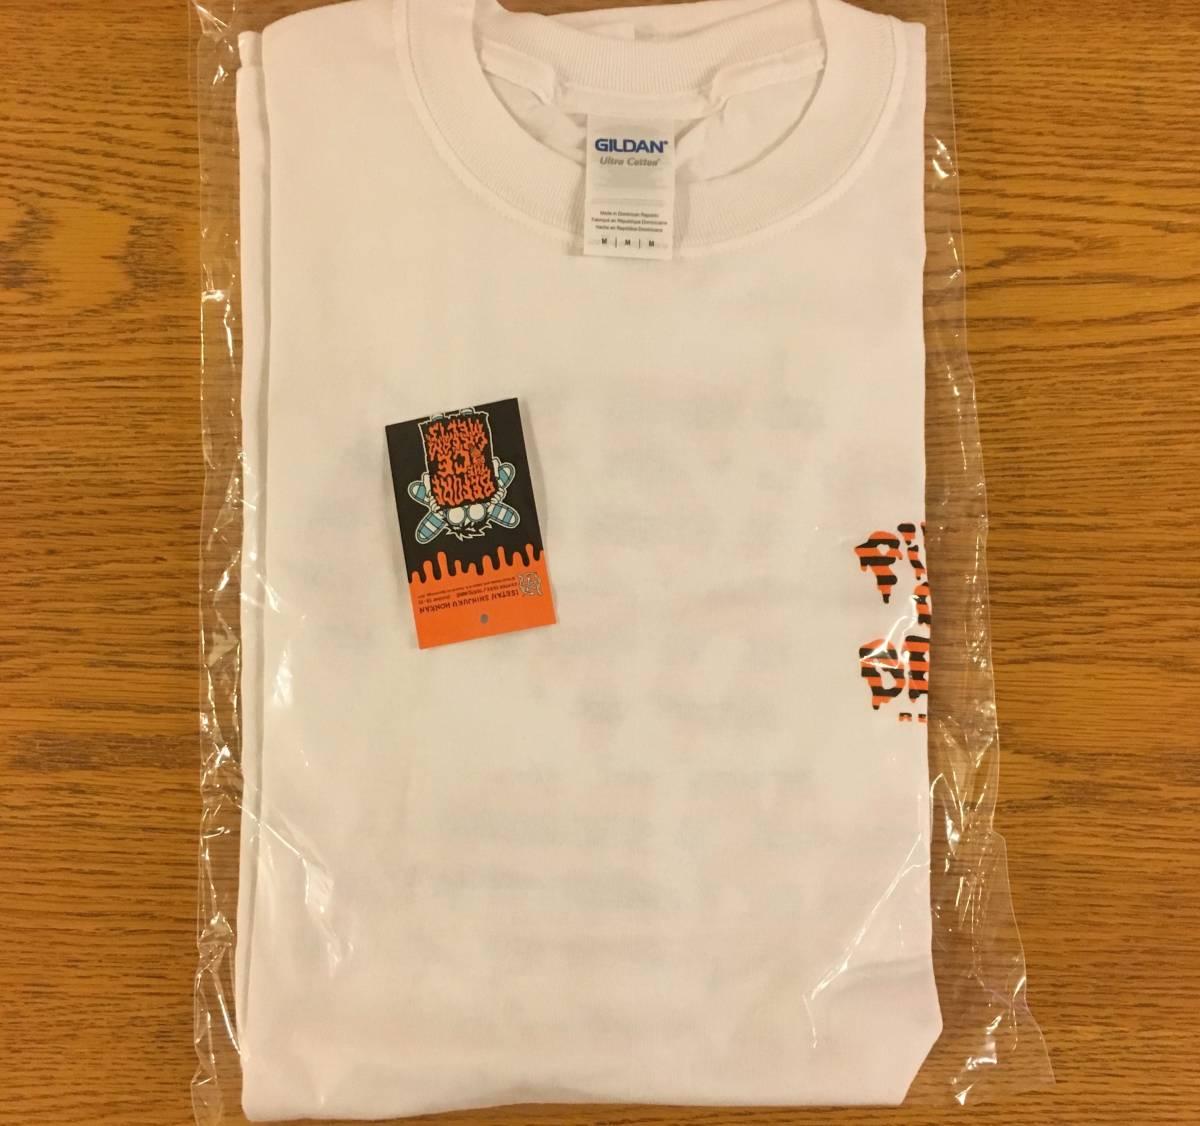 【即完レア】伊勢丹限定 PIZZA OF DEATH  小沢健二 コラボTシャツ M 白地 オレンジ×黒 ライブグッズの画像